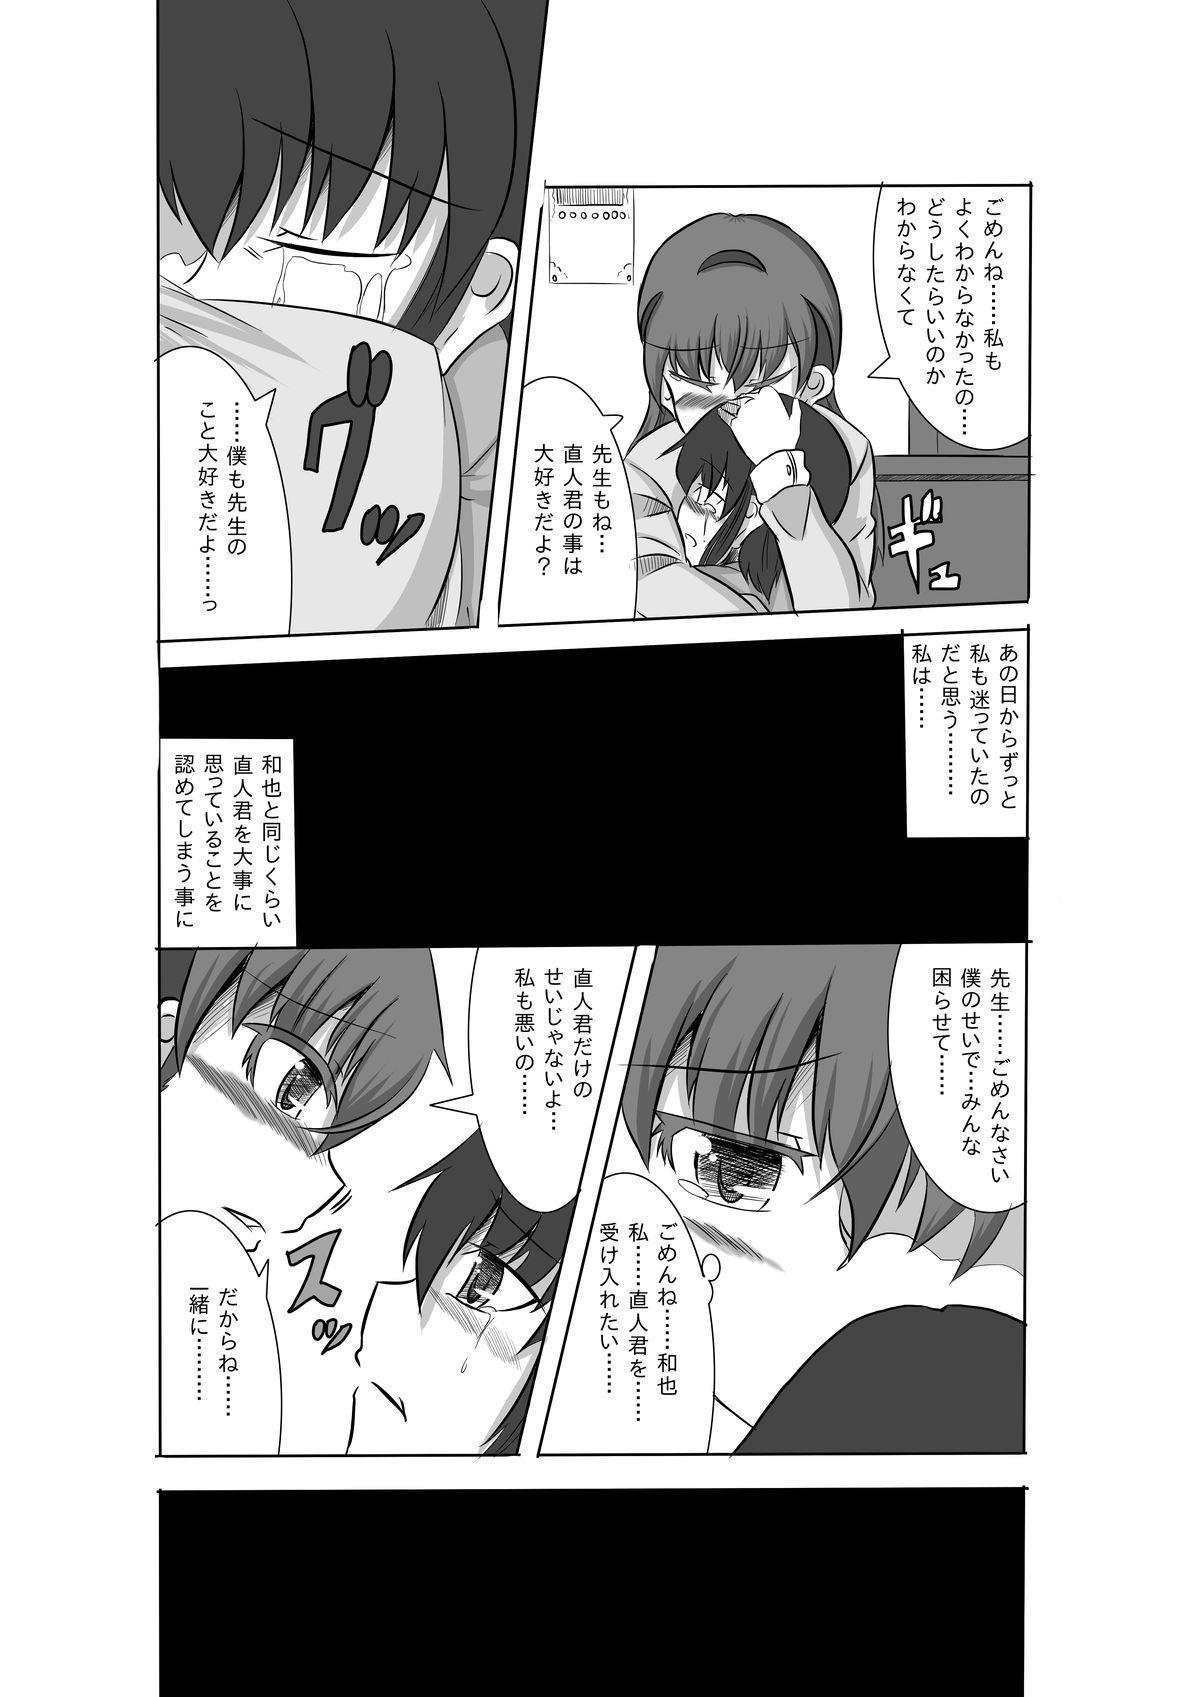 Kano Shota 2 13